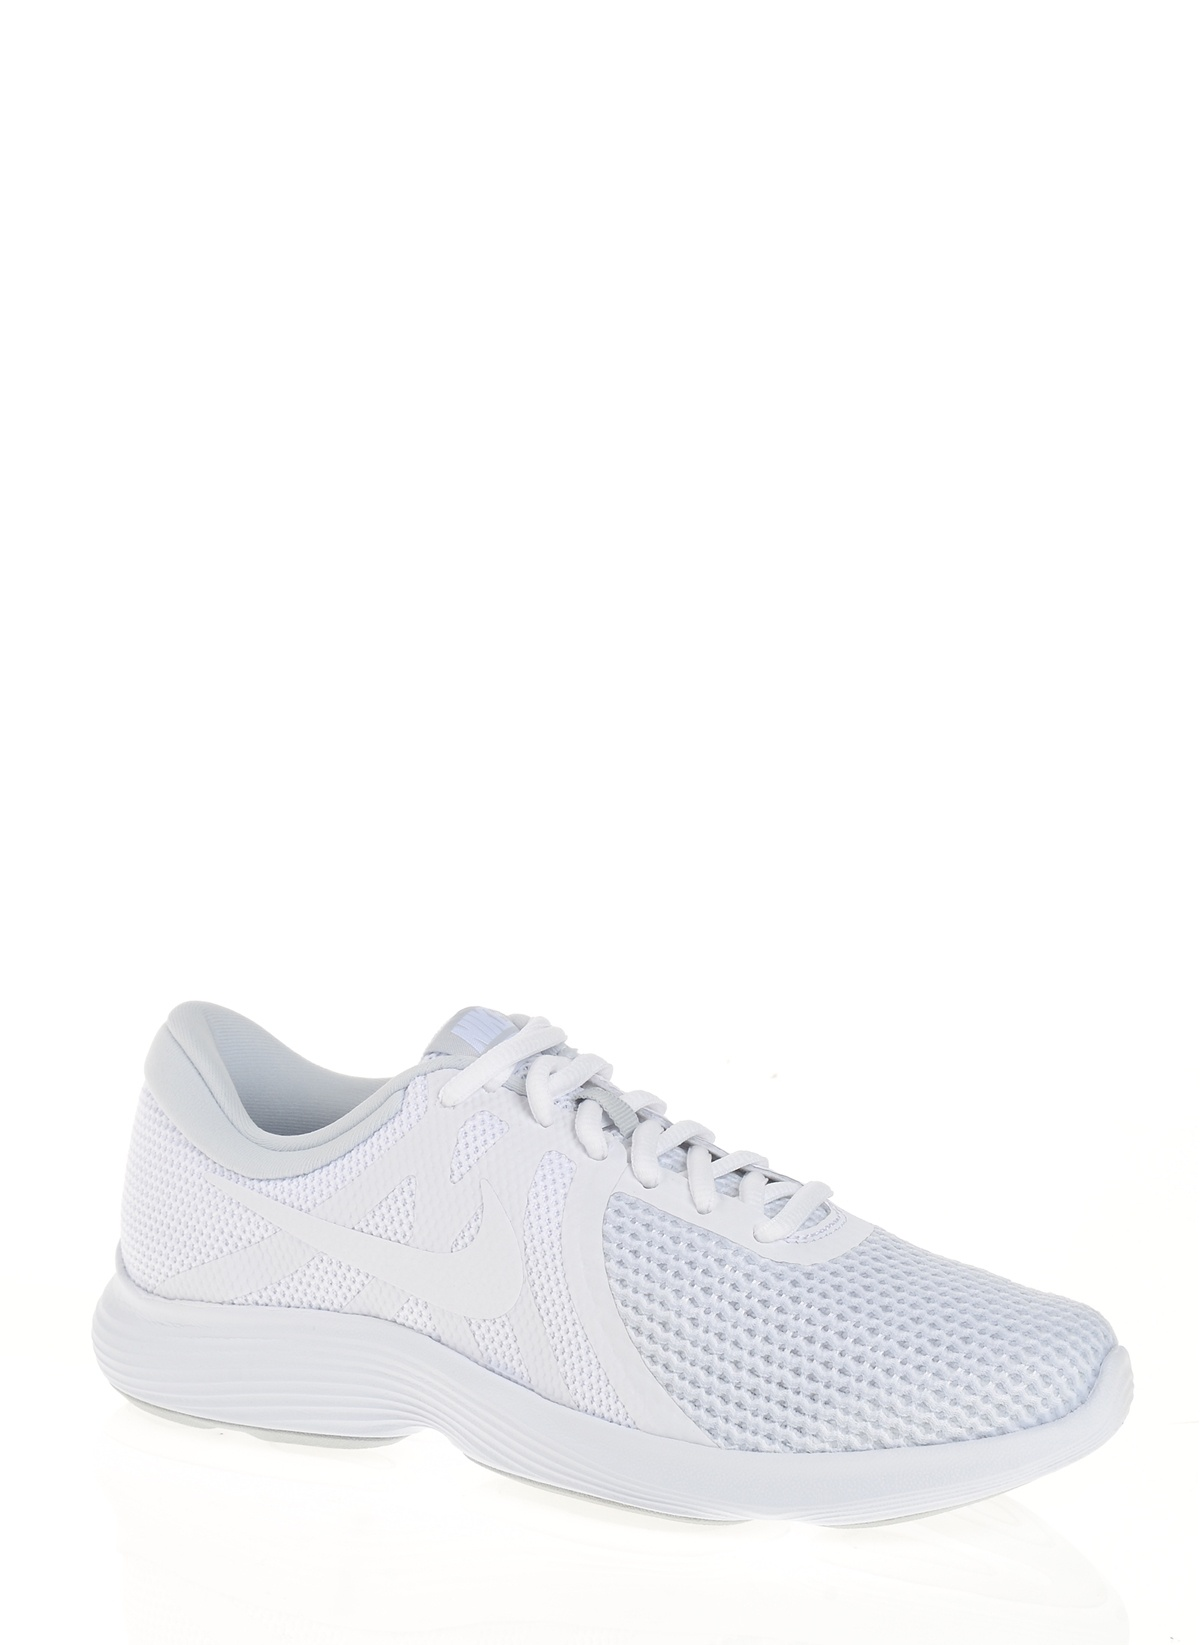 89e91131759 Nike Revolution 4 EU Kadın Spor Ayakkabı Ürün Resmi